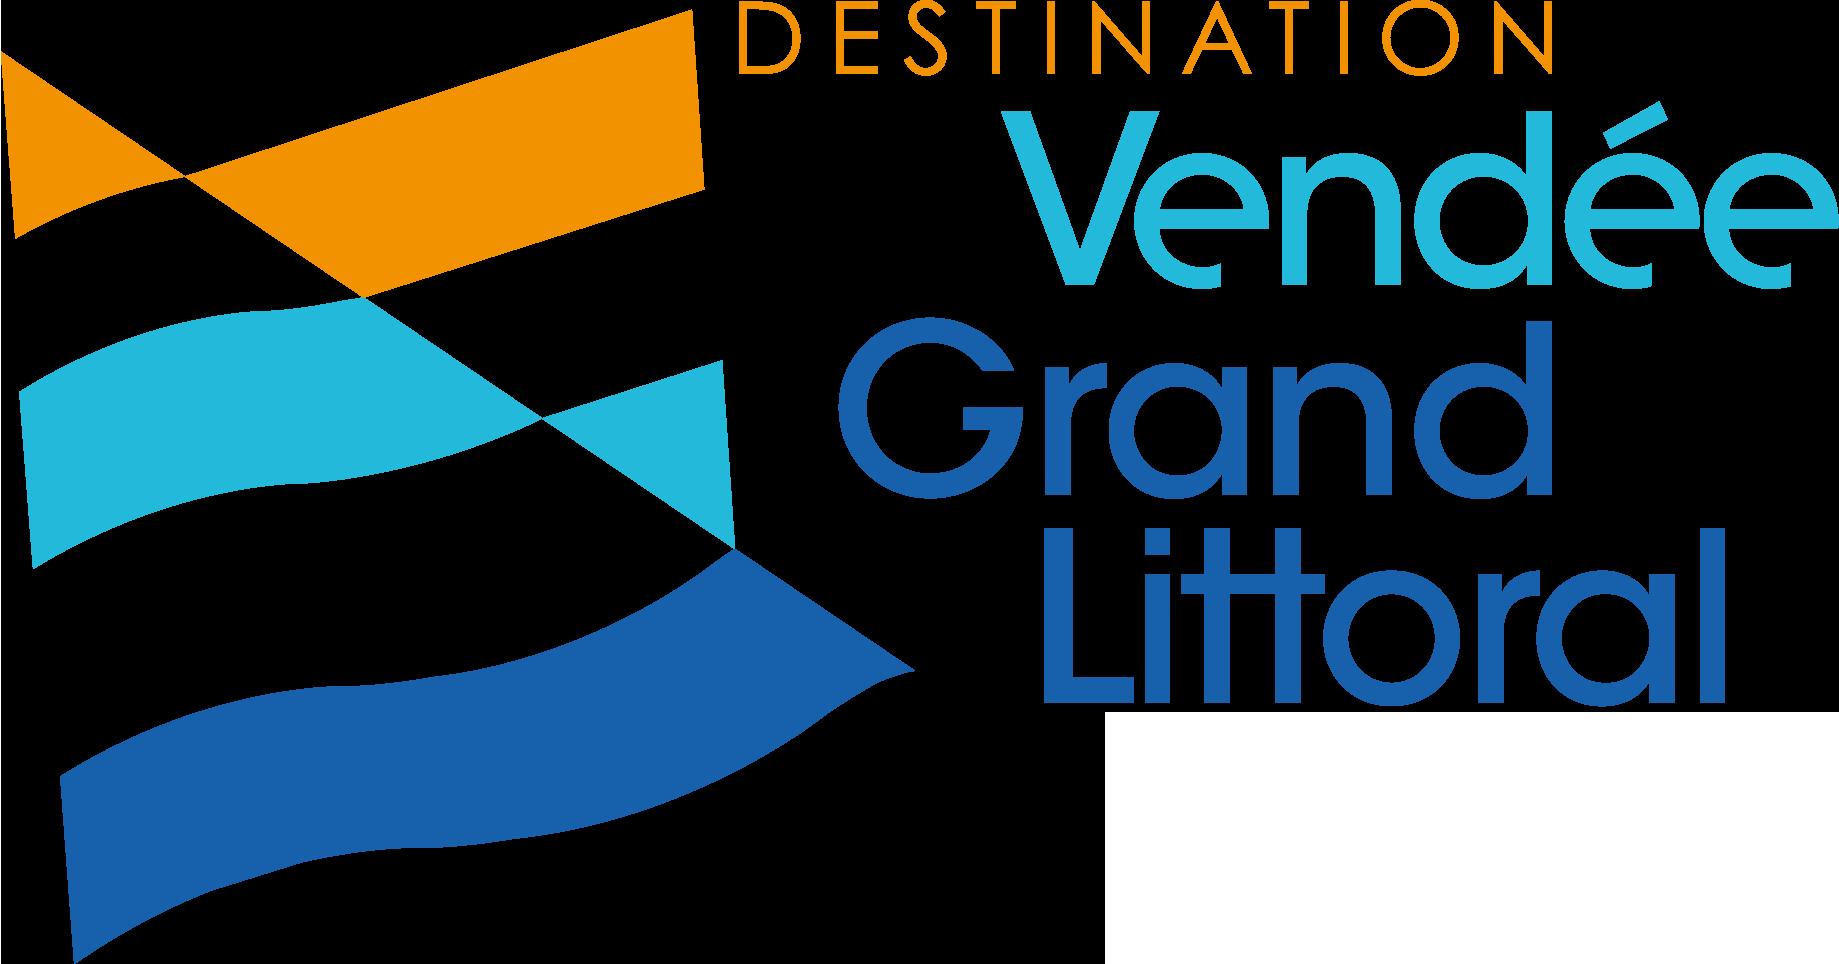 Logo Destination Vendee Grand Littoral